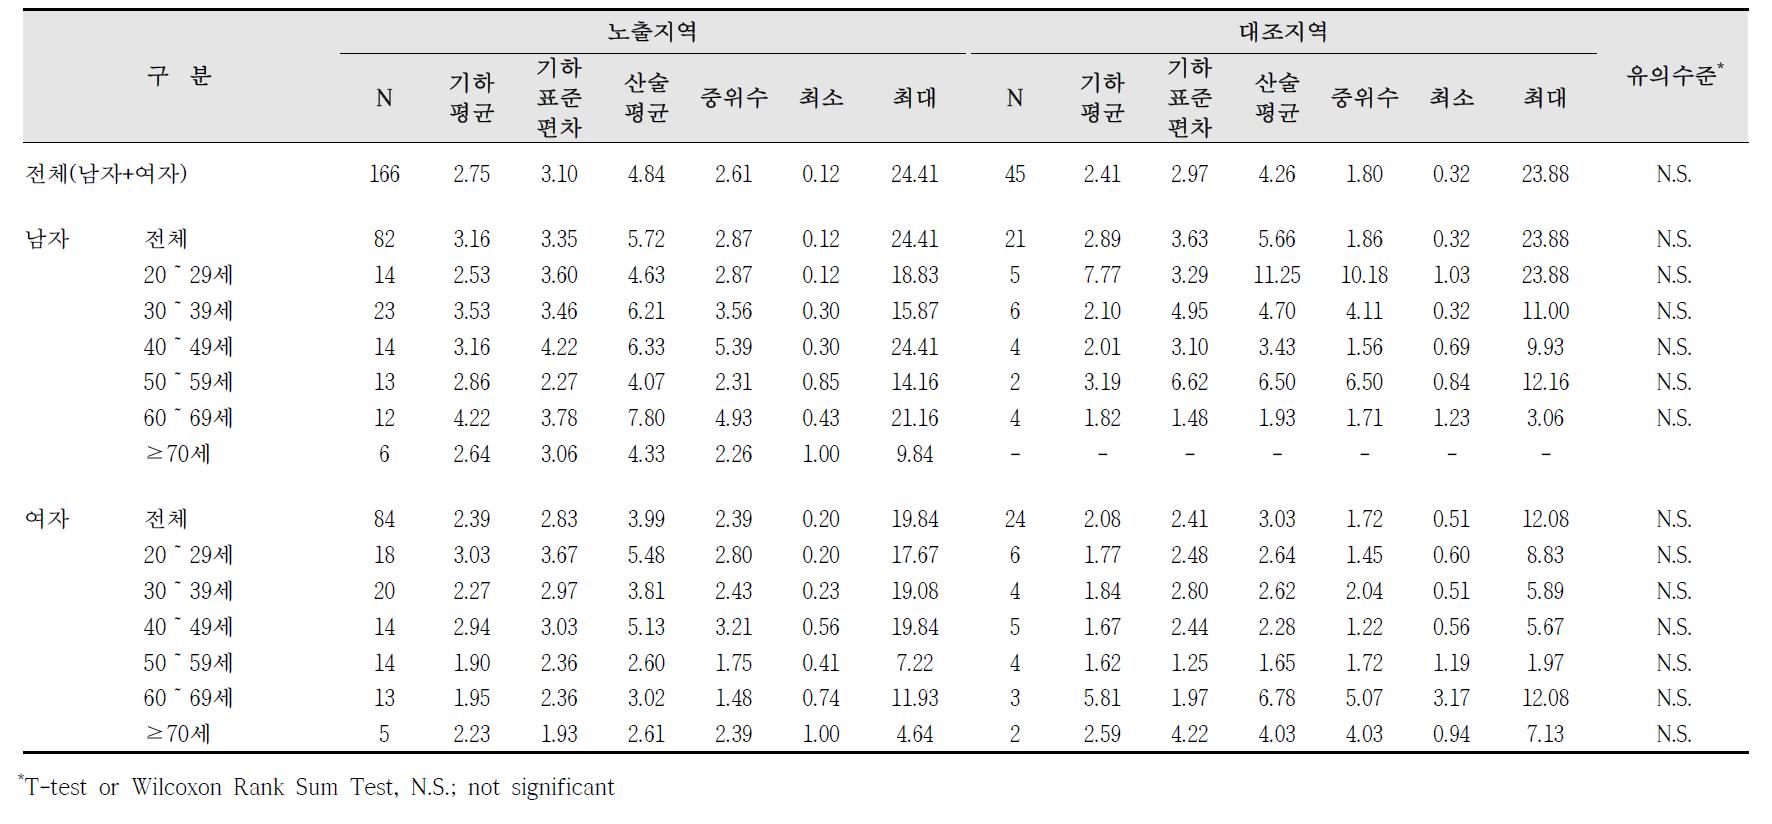 청주산업단지 요중 2-naphthol 농도 비교